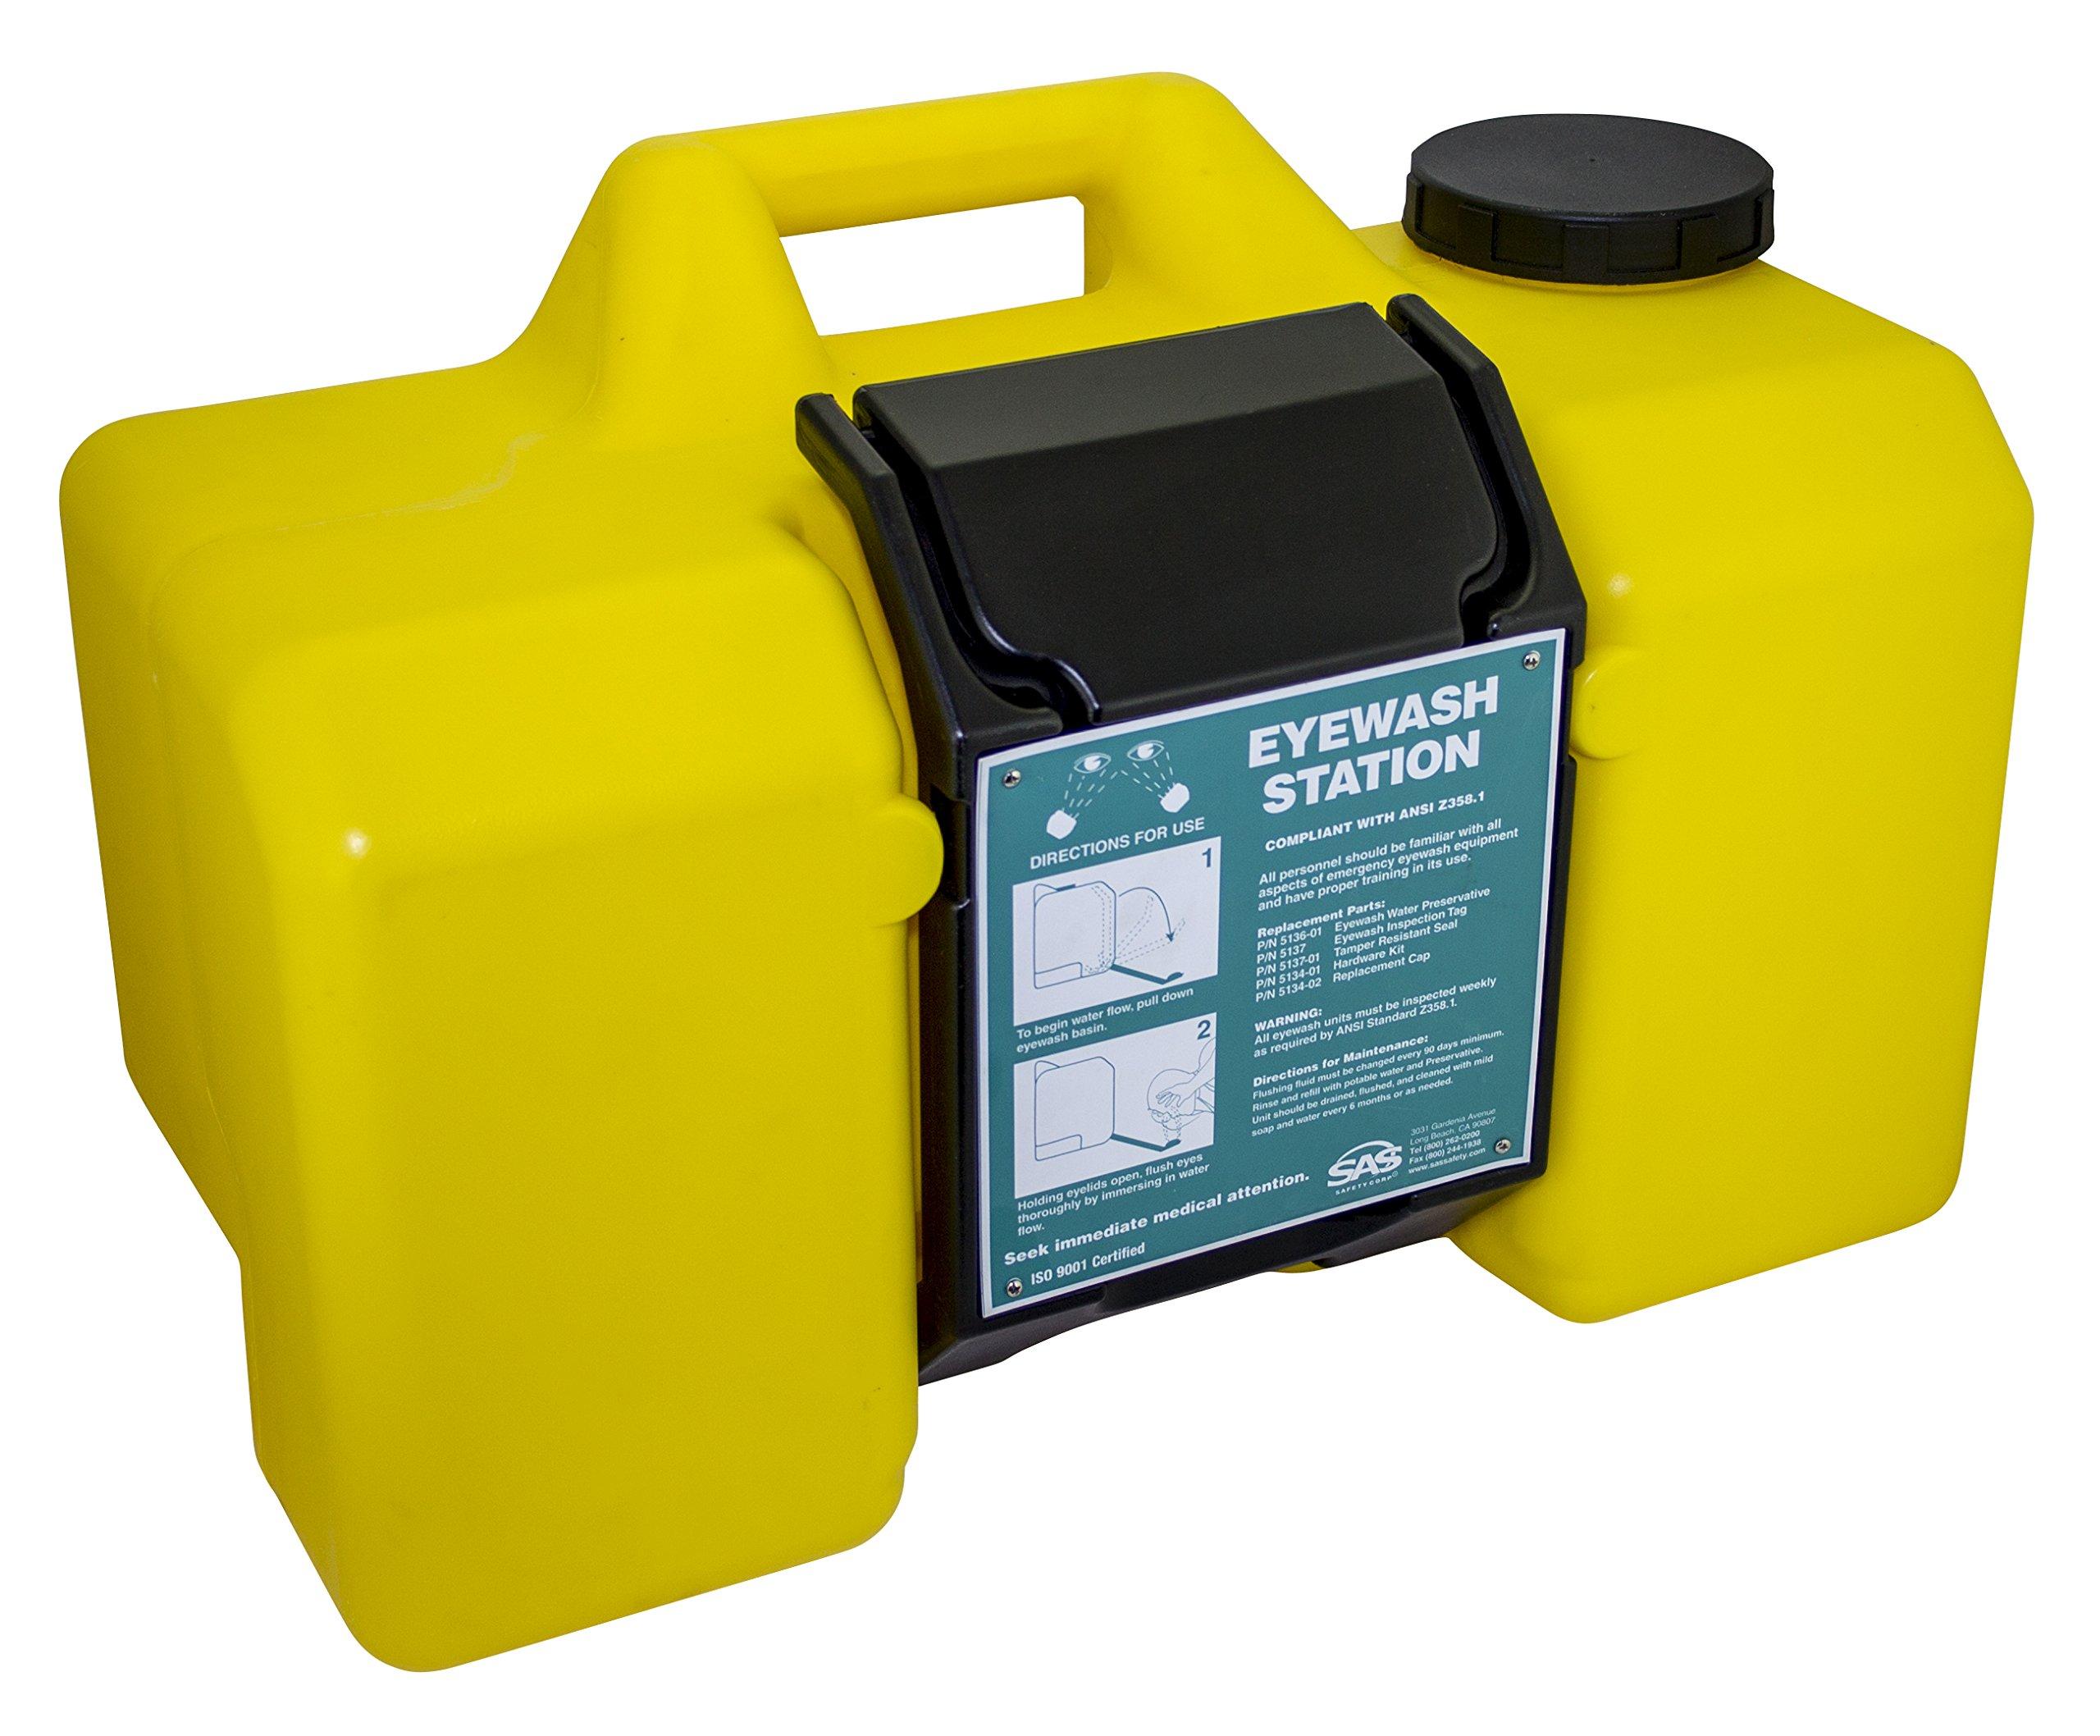 SAS Safety 5134-00 Emergency Eyewash Station 9 gallon